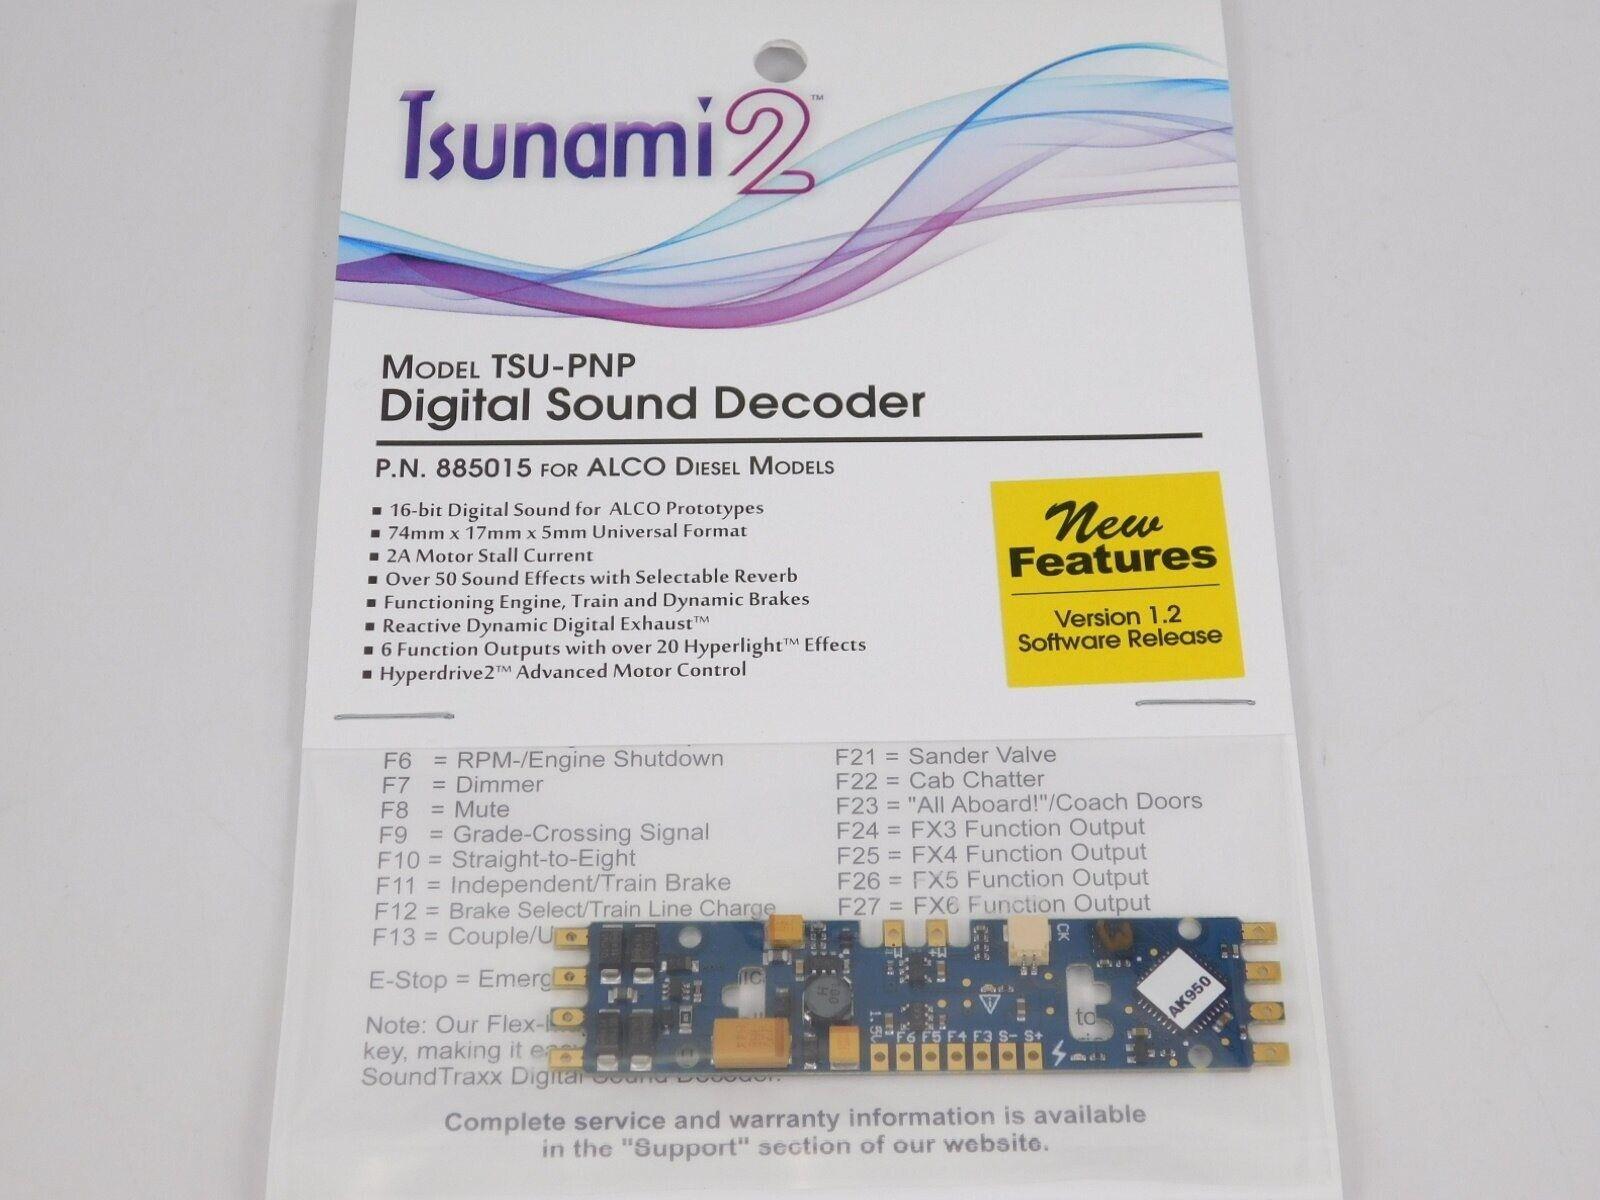 suonotraxx TSUNAMI 2 TSUPNP 885015 DCCsuono decodificatore per ALCO indistruttibili